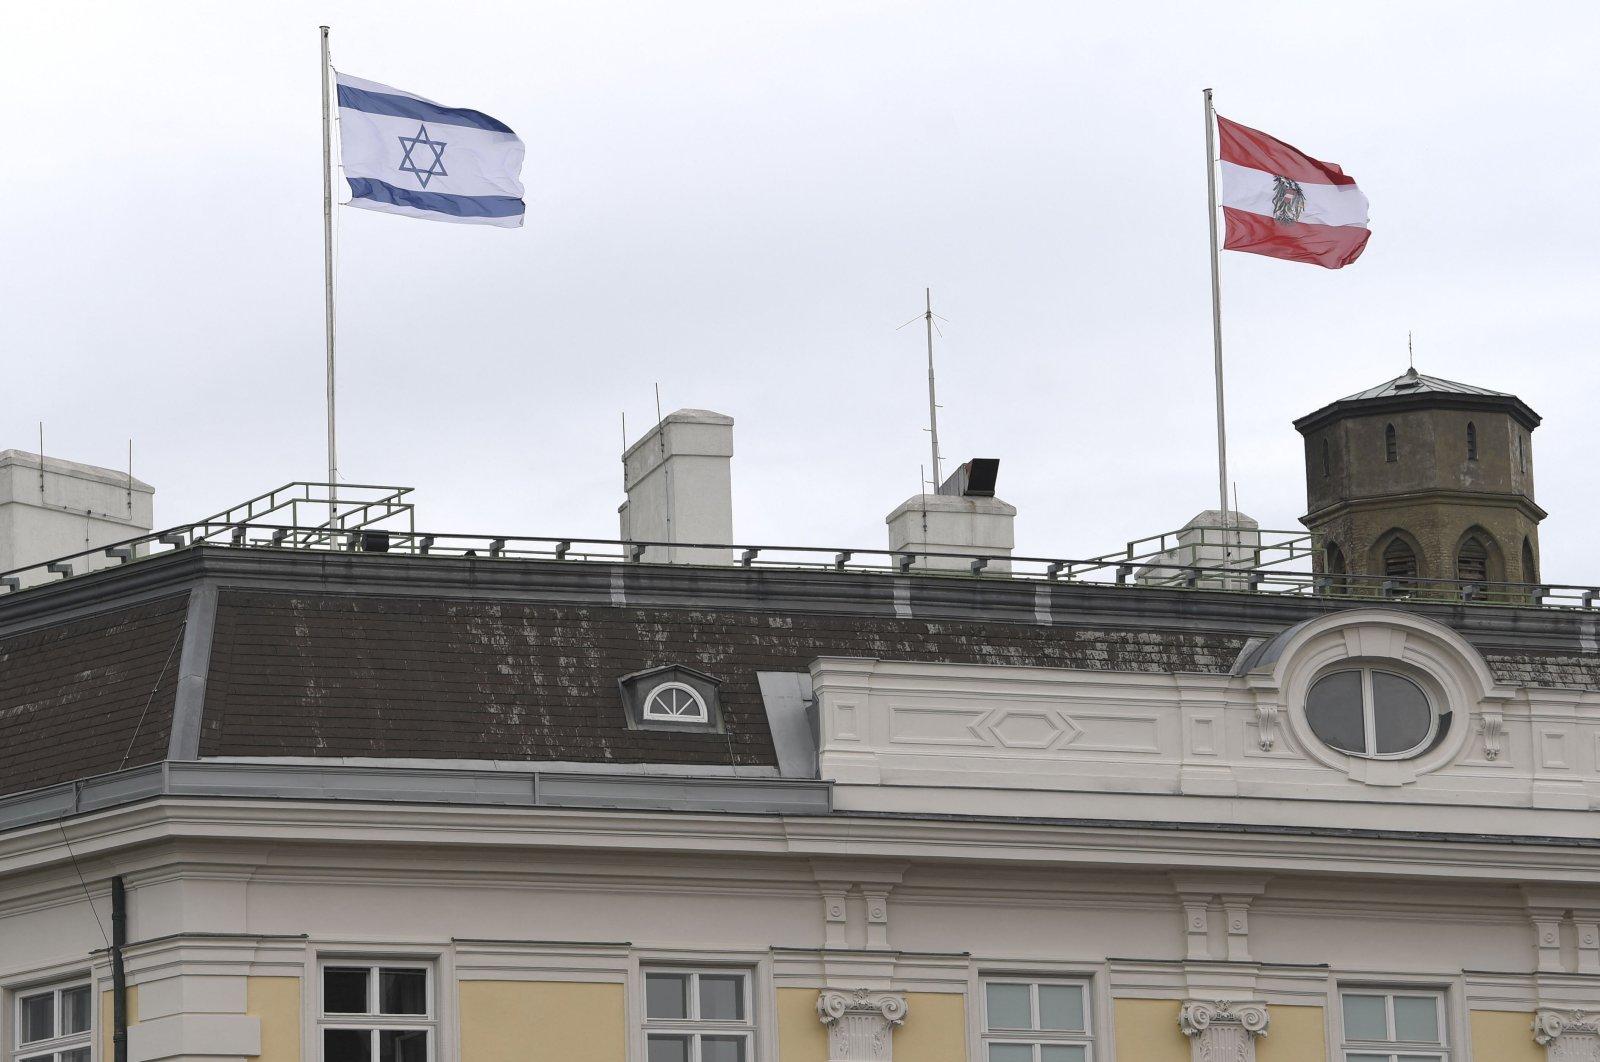 Austrian chancellery hoists Israeli flag despite attacks on civilians | Daily Sabah - Daily Sabah